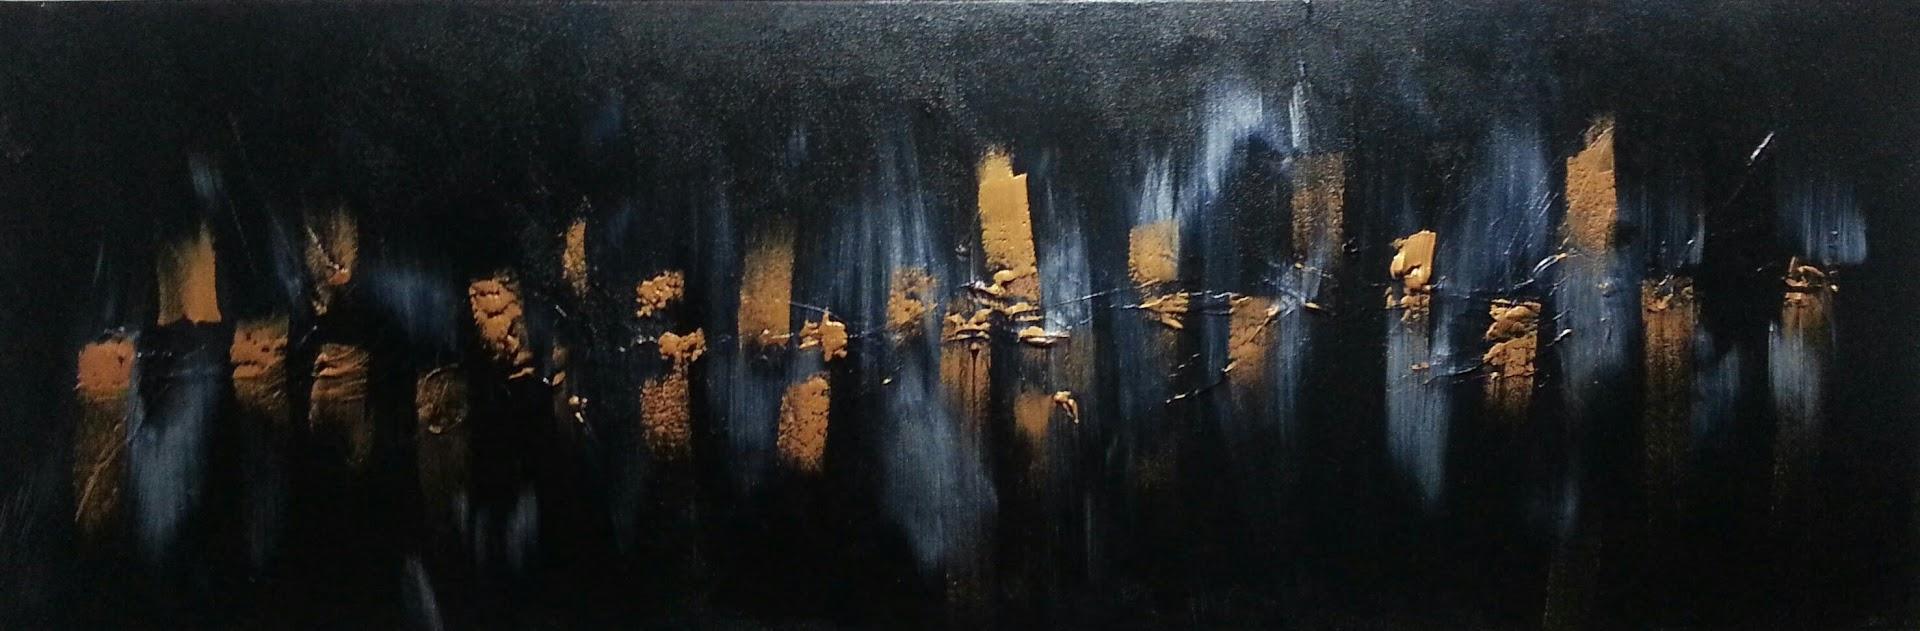 tableau de gauchepatte intitulé luciolles